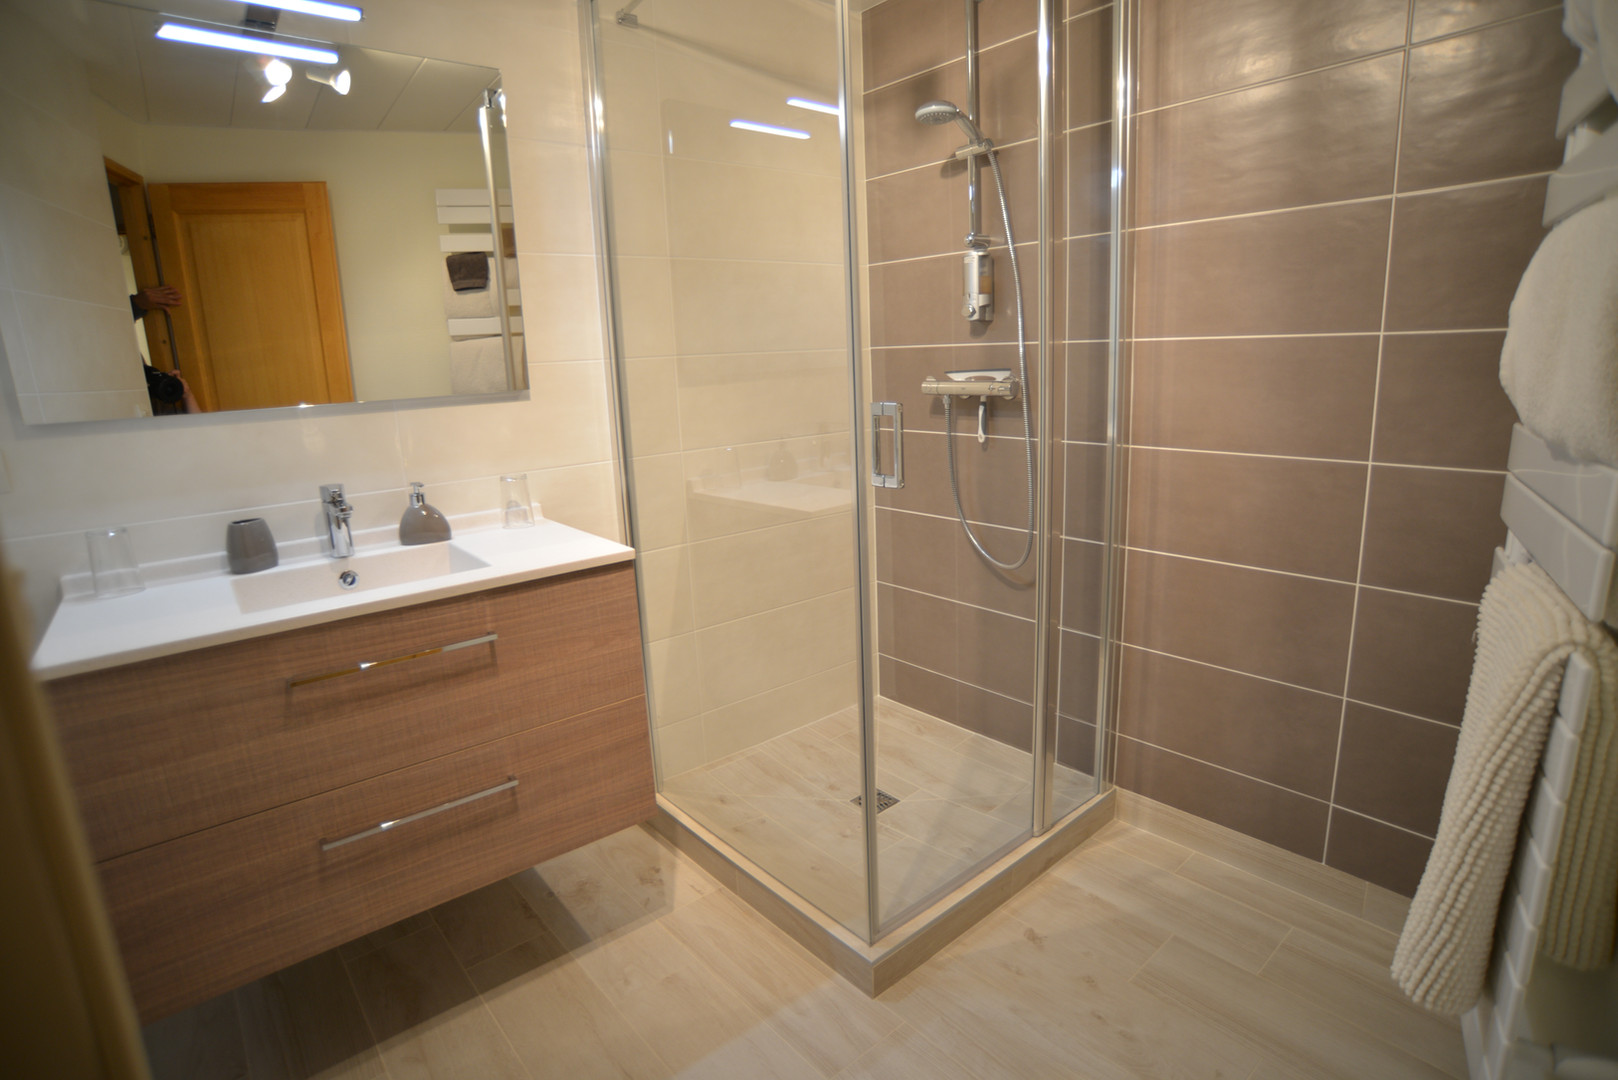 profiter d'une salle d'eau moderne